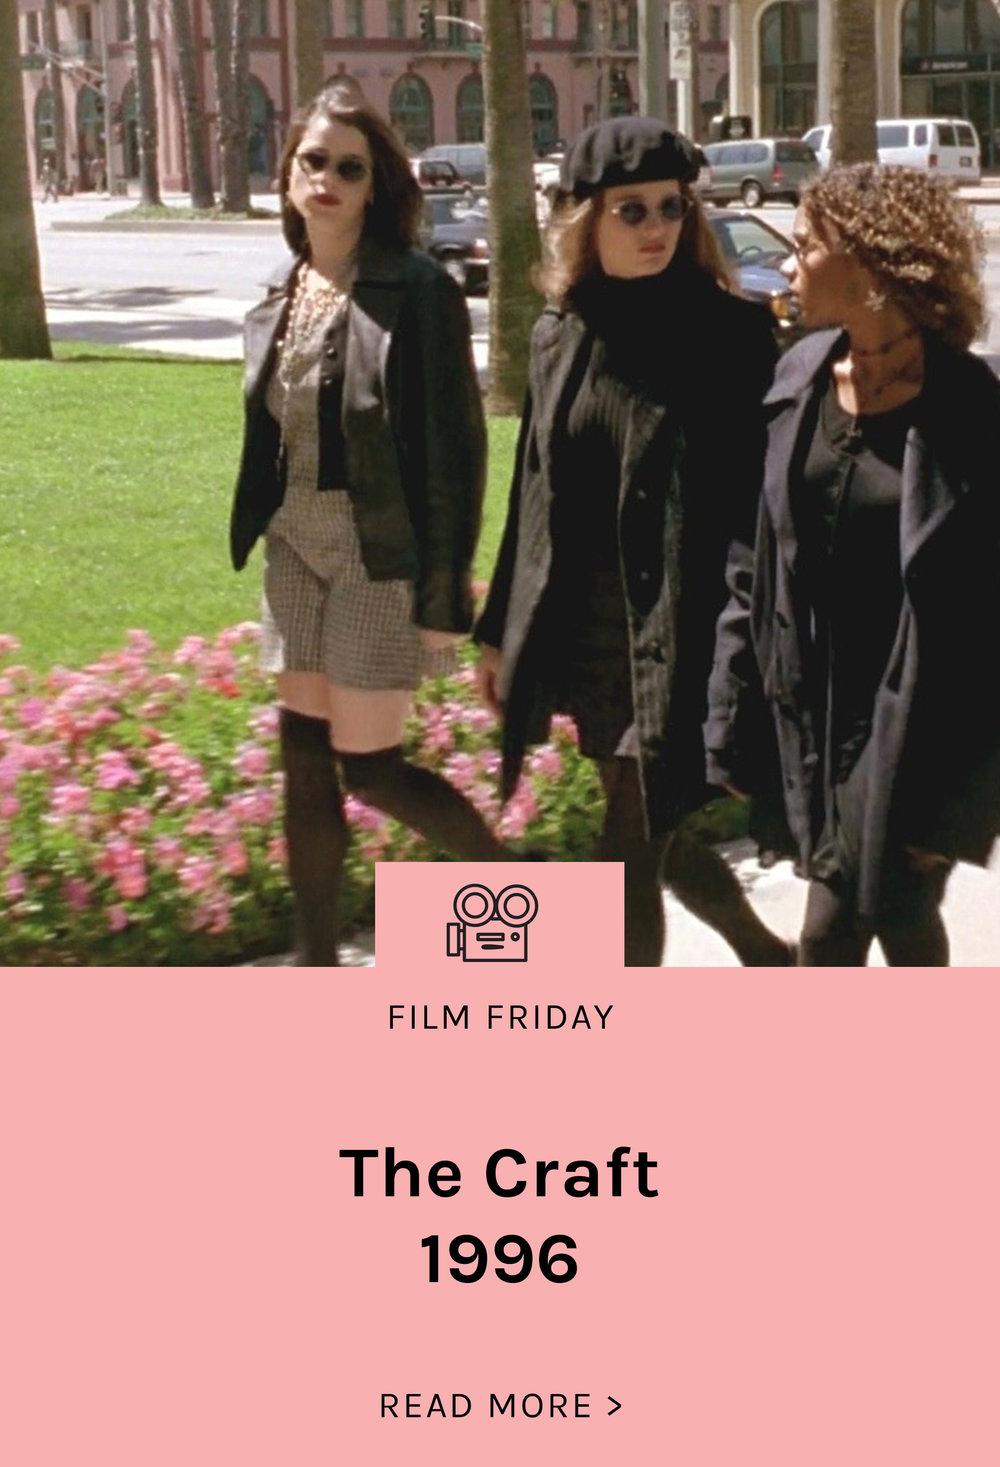 FilmFriday-BlogLanding-TheCraft.jpg